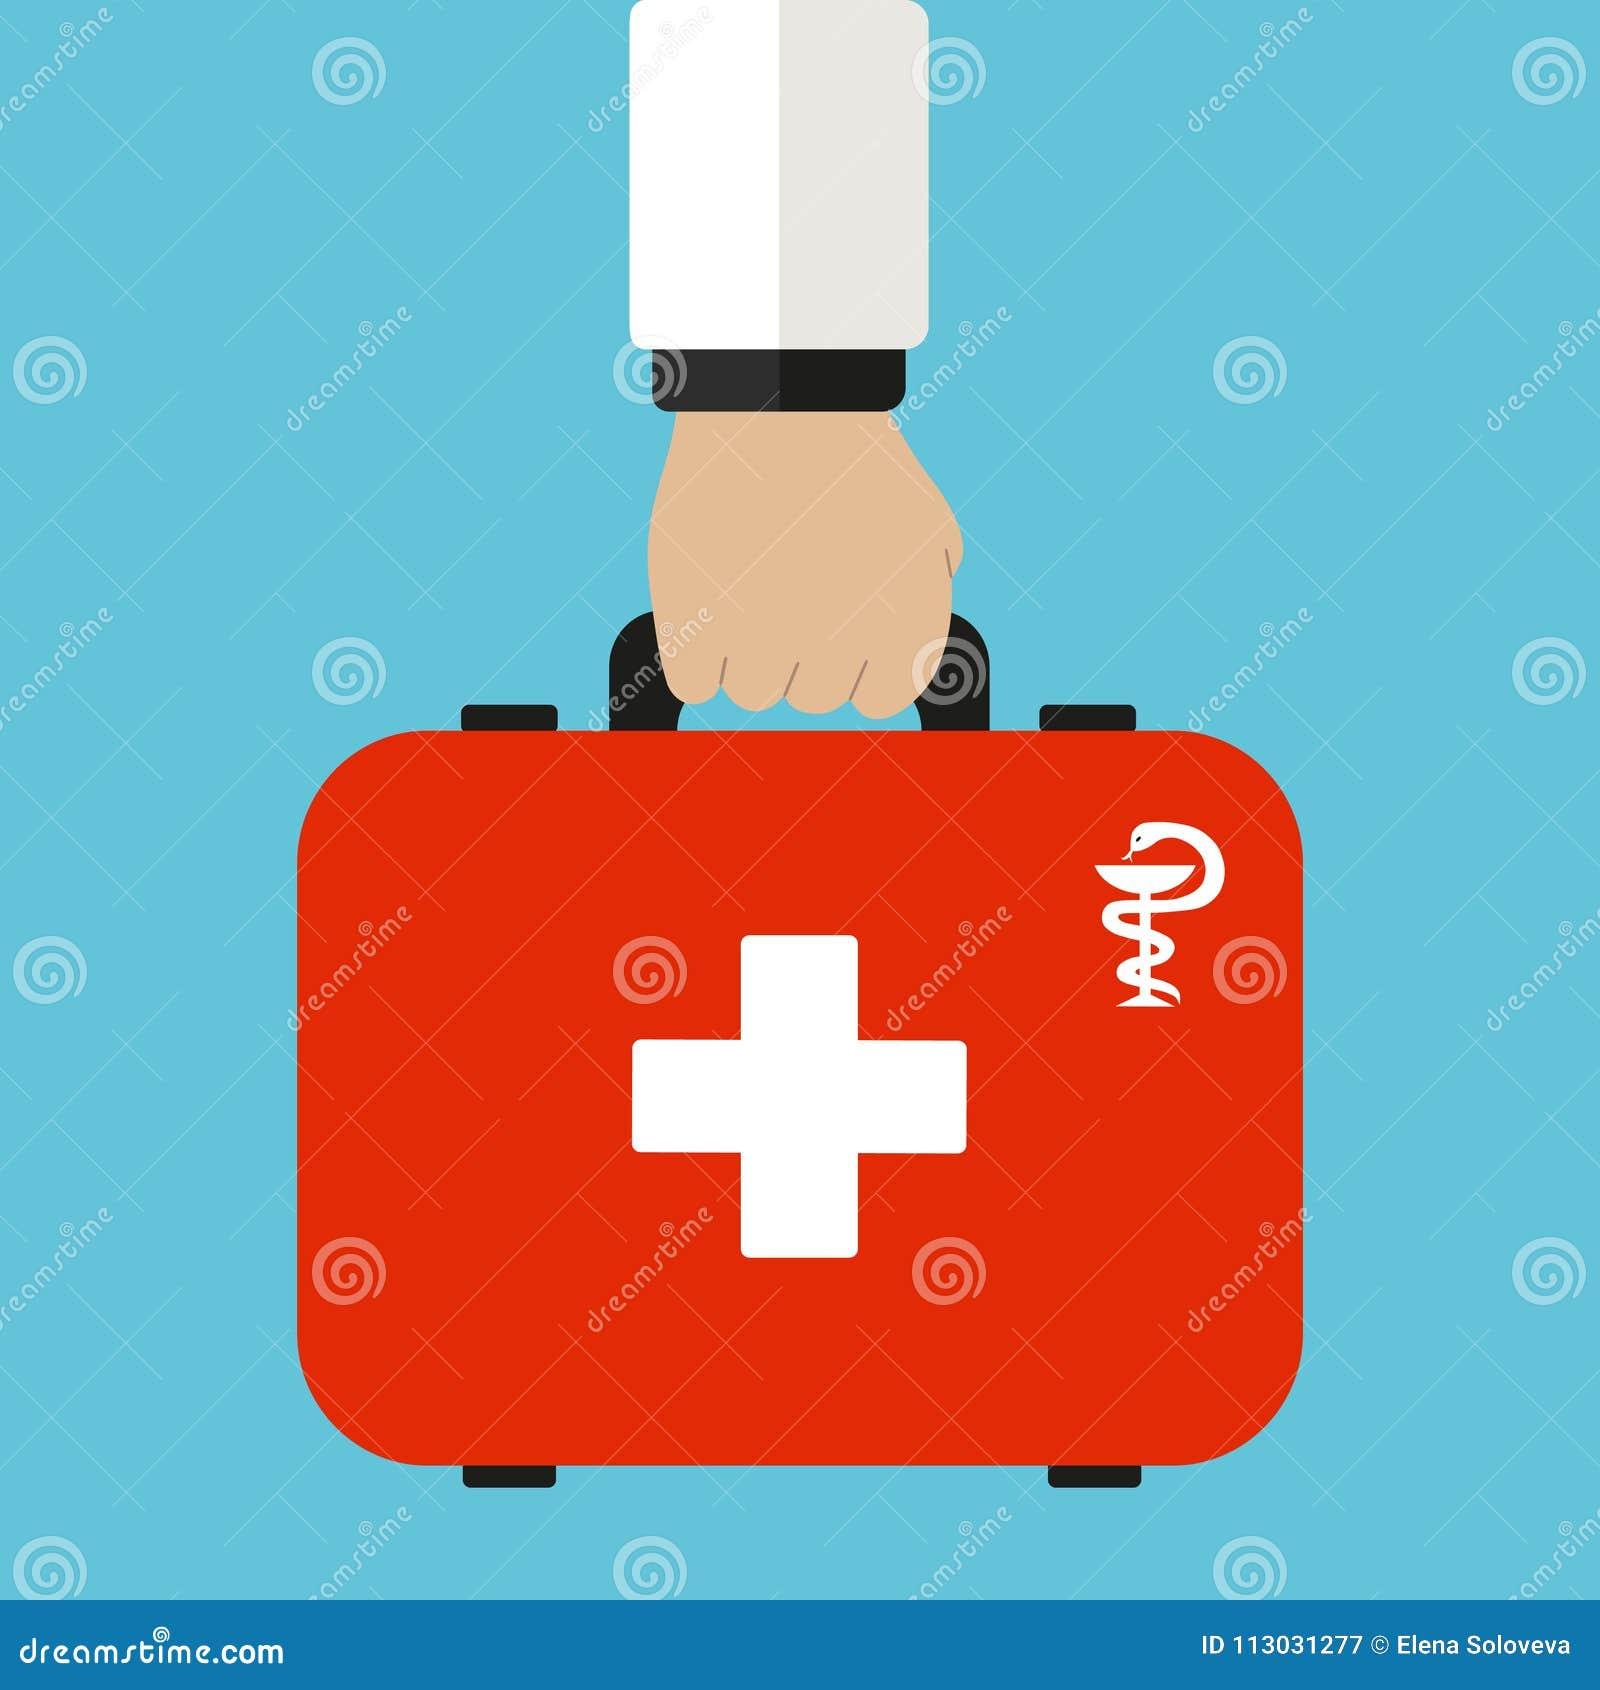 Equipo de primeros auxilios en Atención sanitaria, hospital y diagnósticos médicos